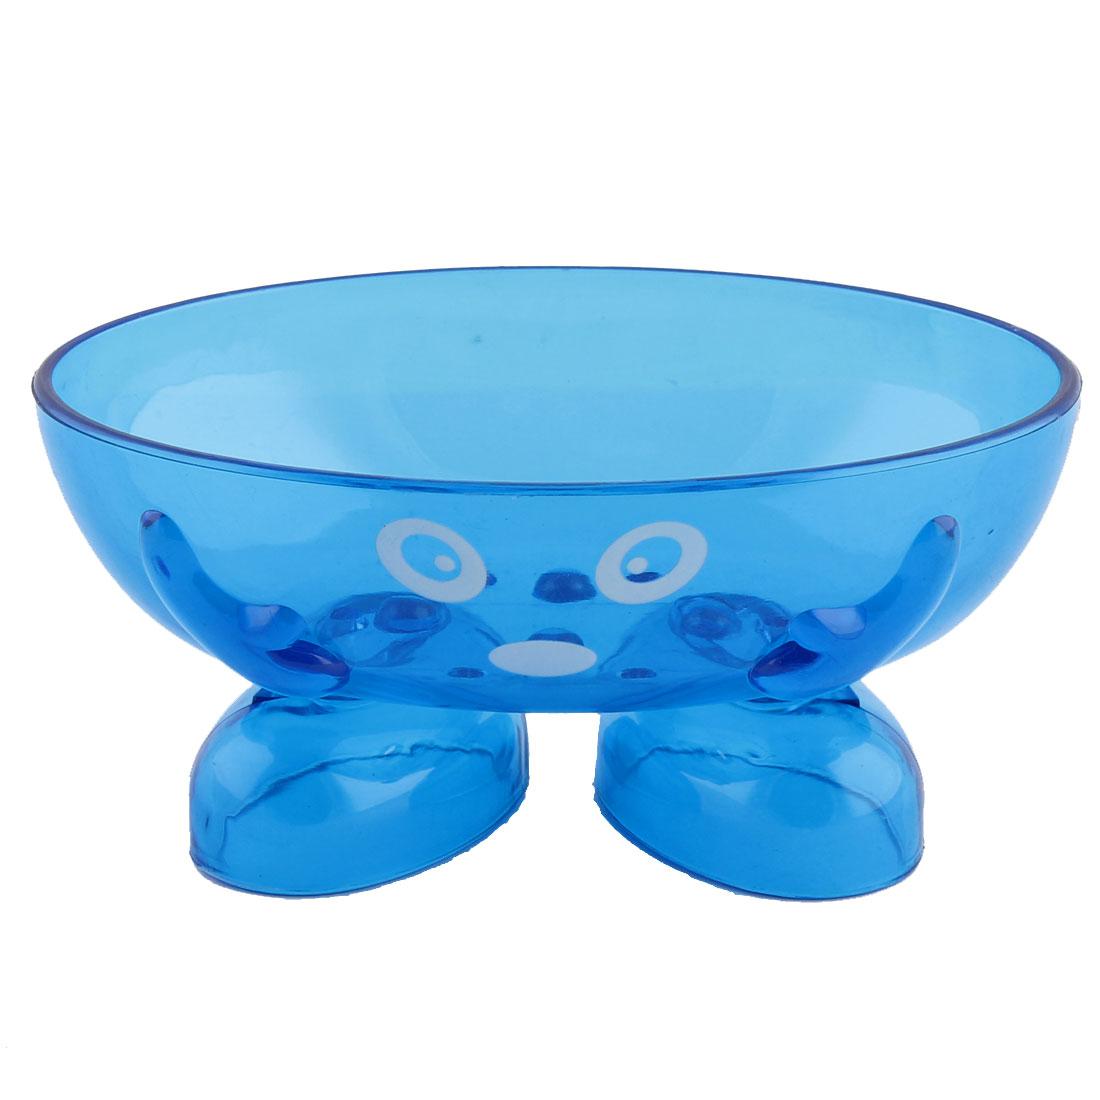 Motif-Tennis-Salle-bain-en-plastique-caricature-Visage-Porte-savon-Boite-violet